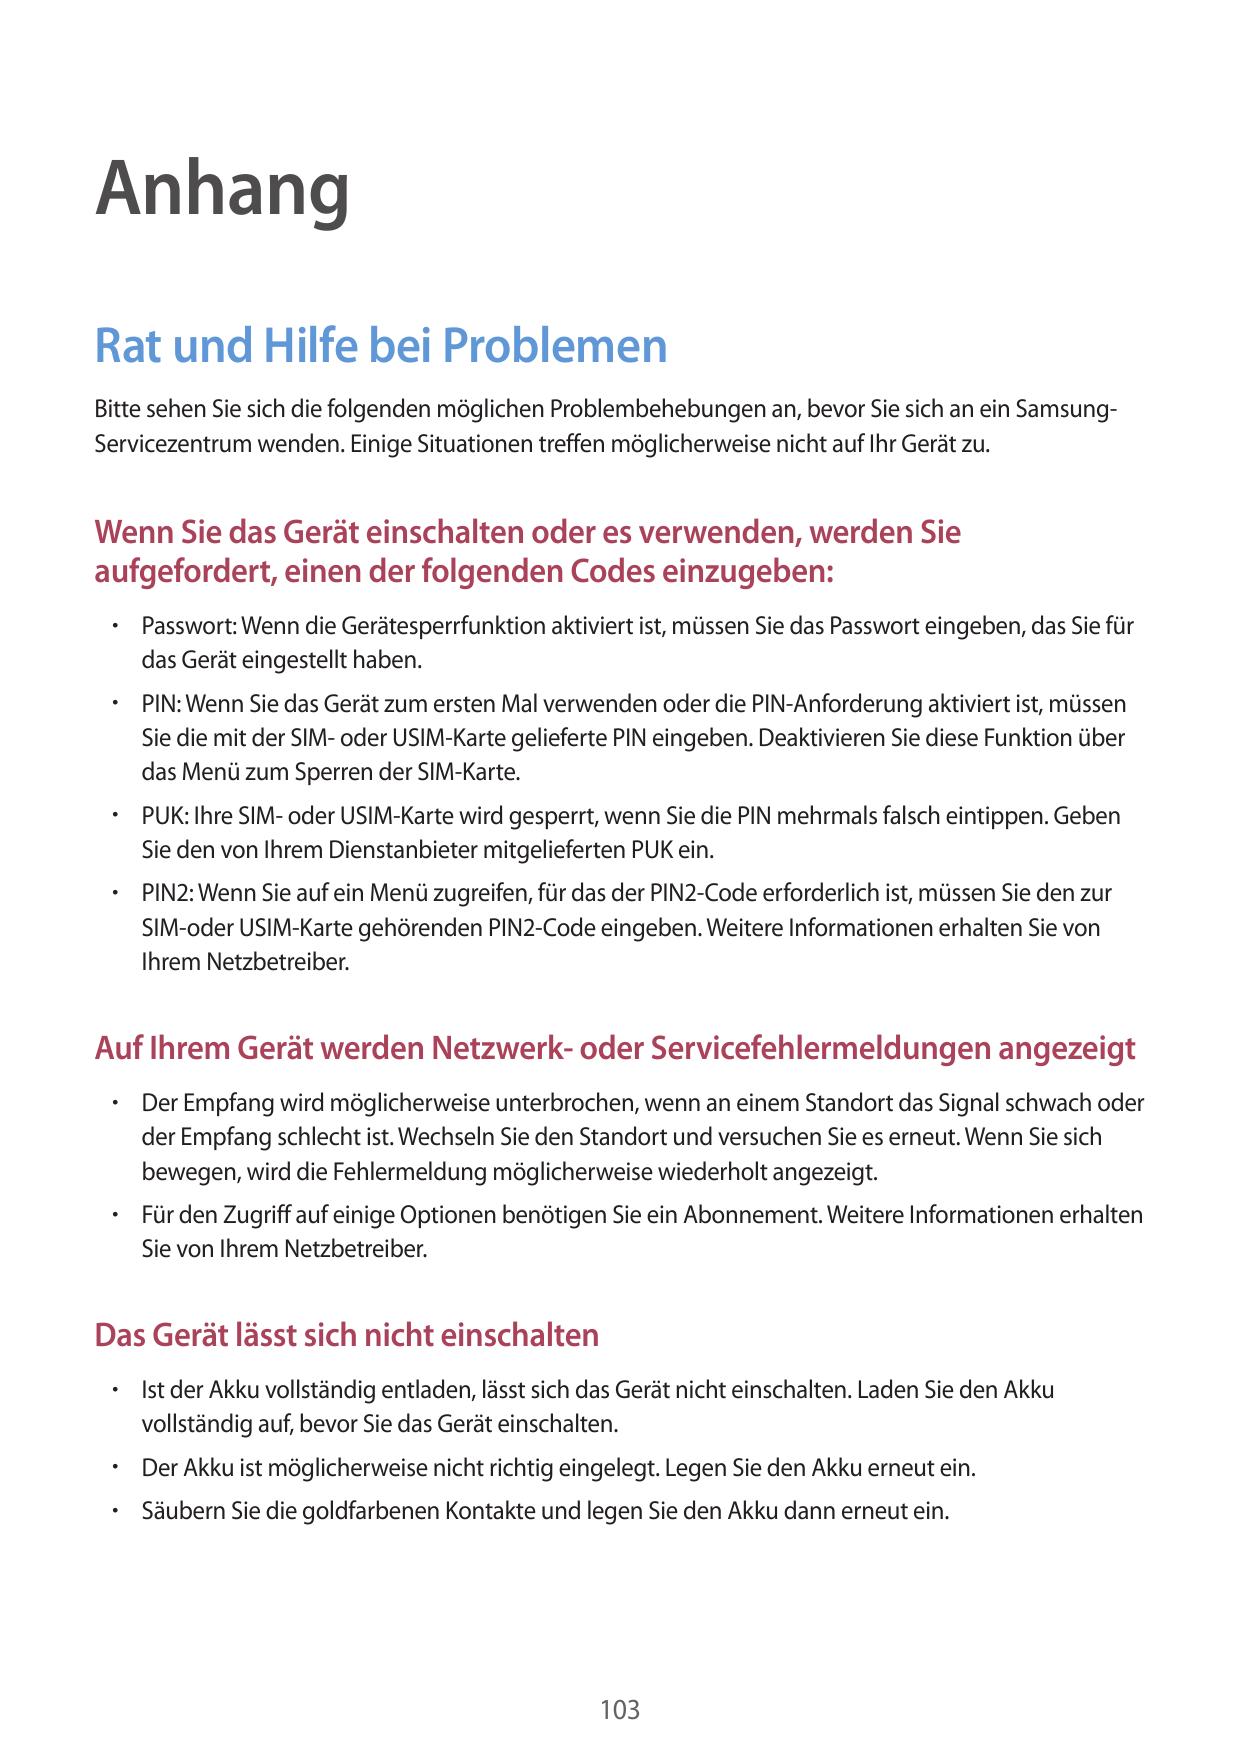 Wunderbar Anhang Standort Ideen - Anatomie Und Physiologie Knochen ...